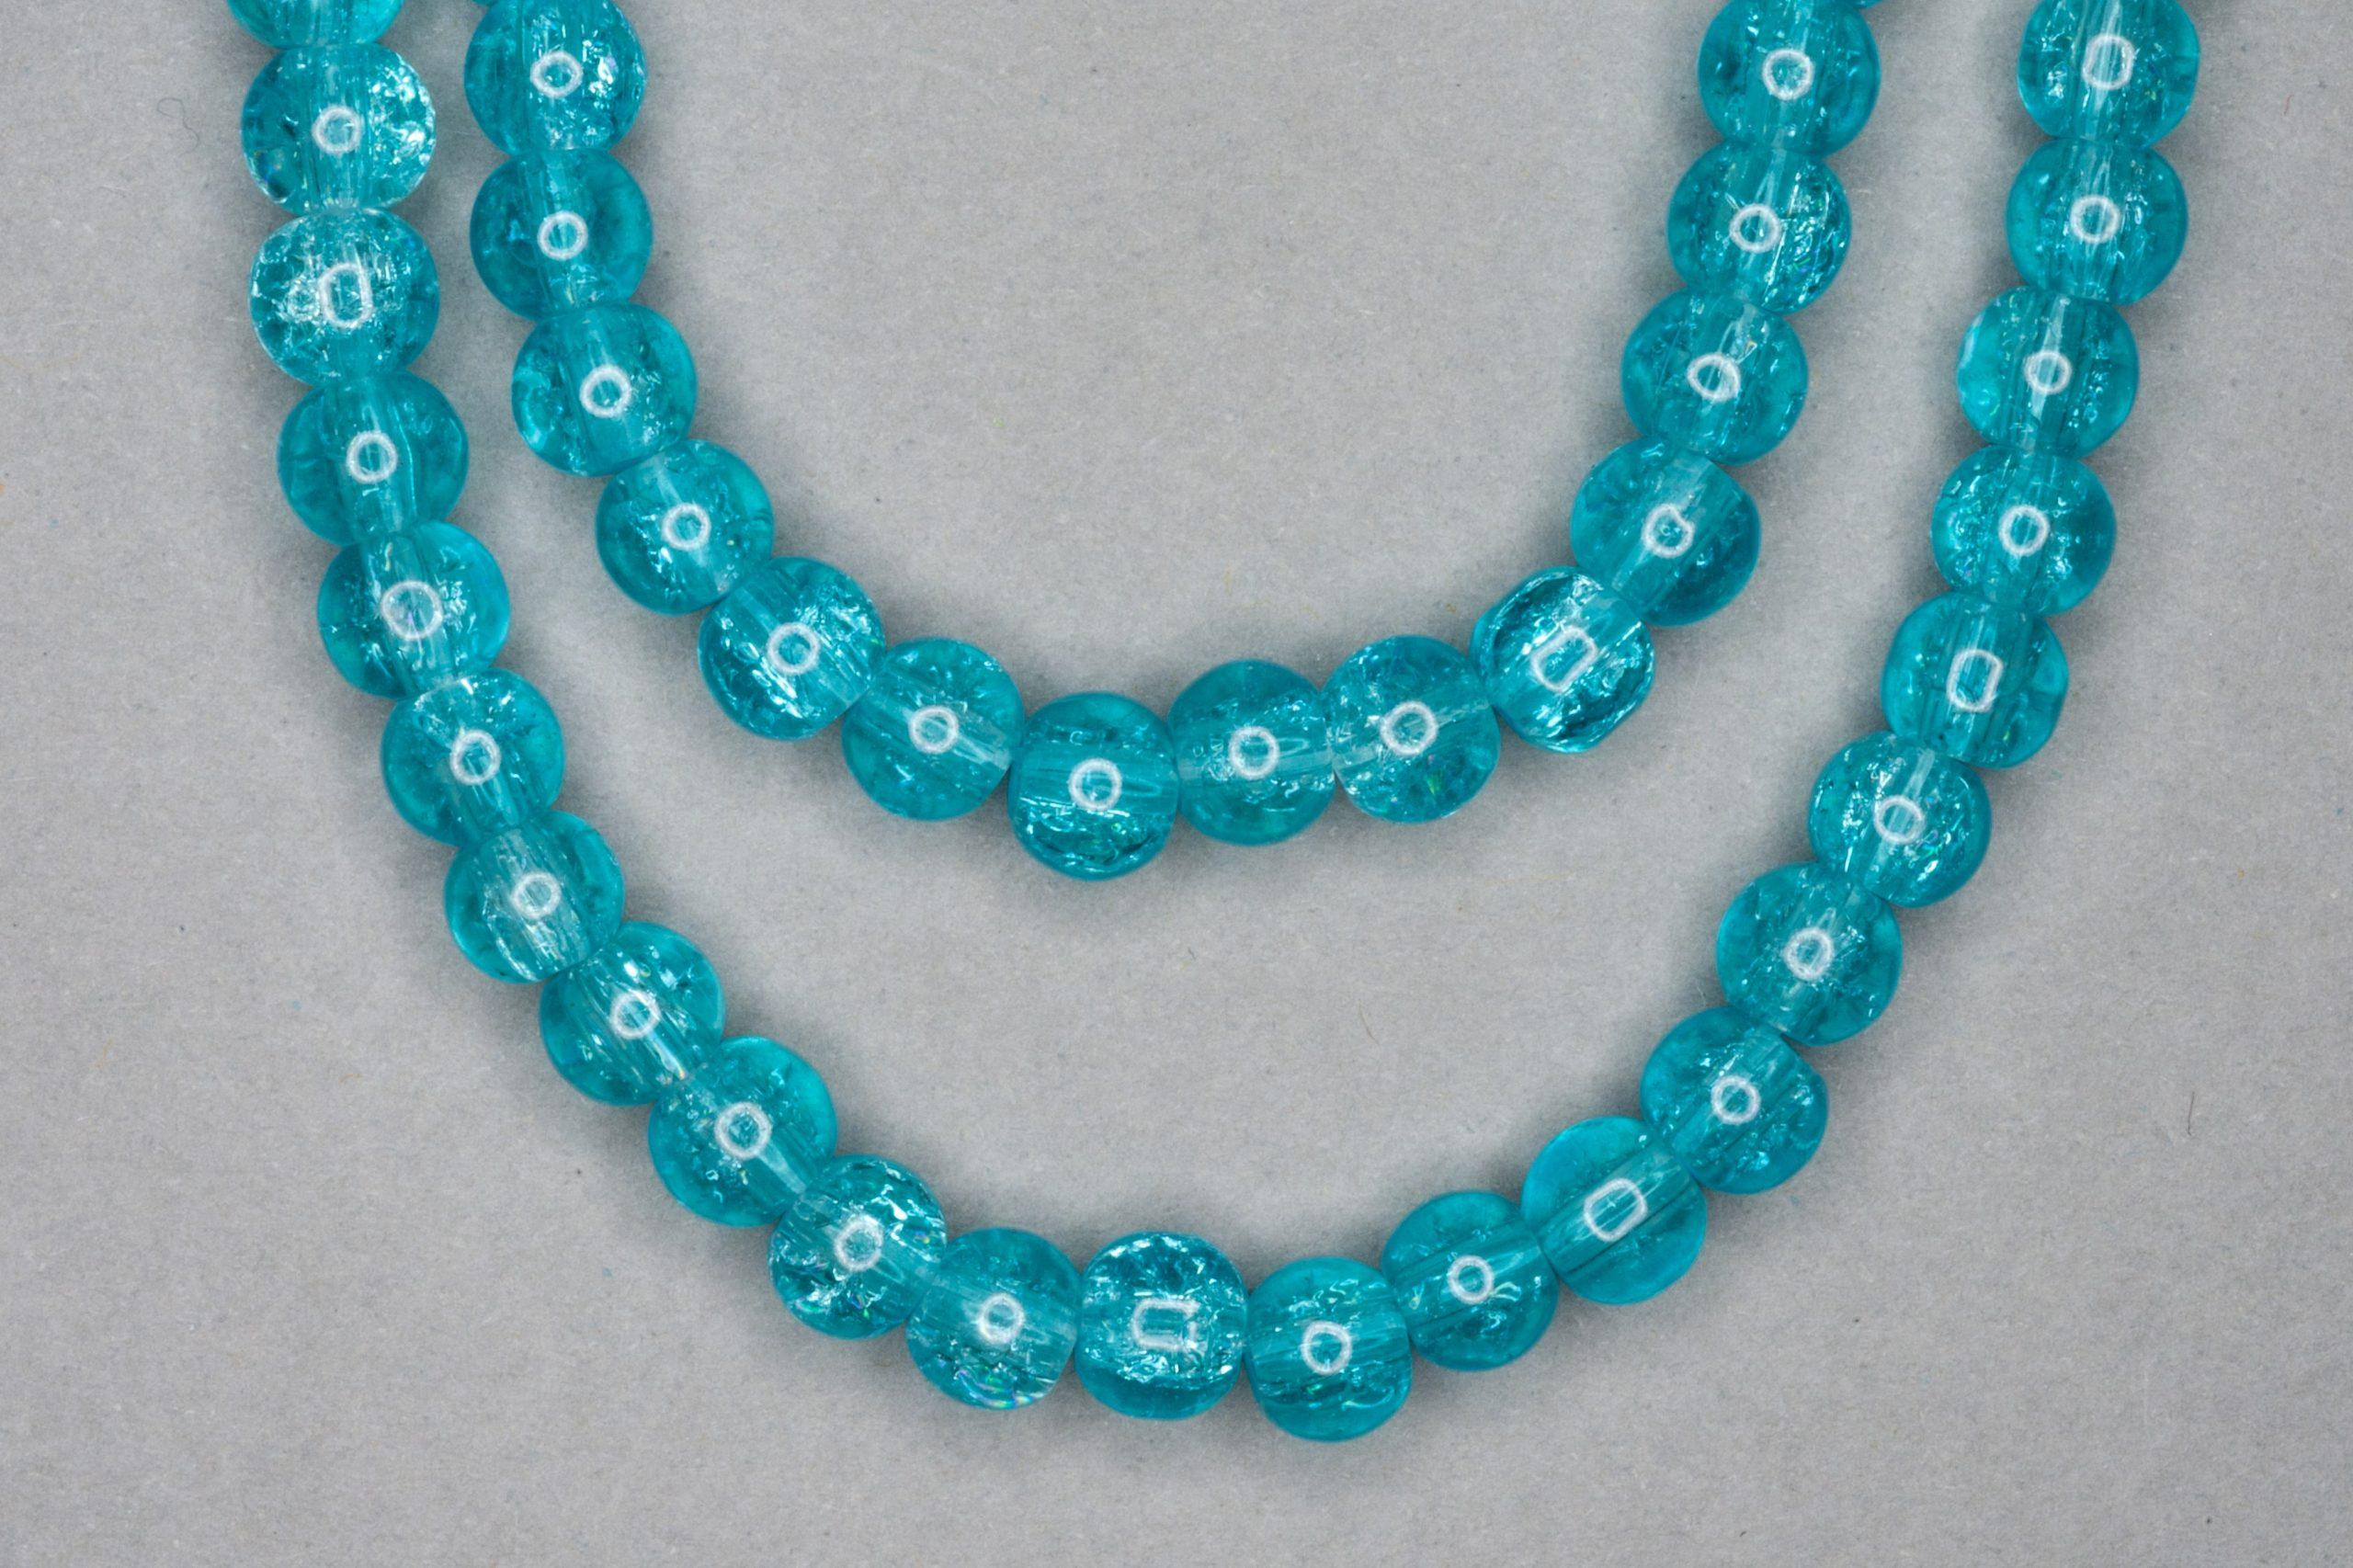 Aqua Blue Crackle Glass Beads